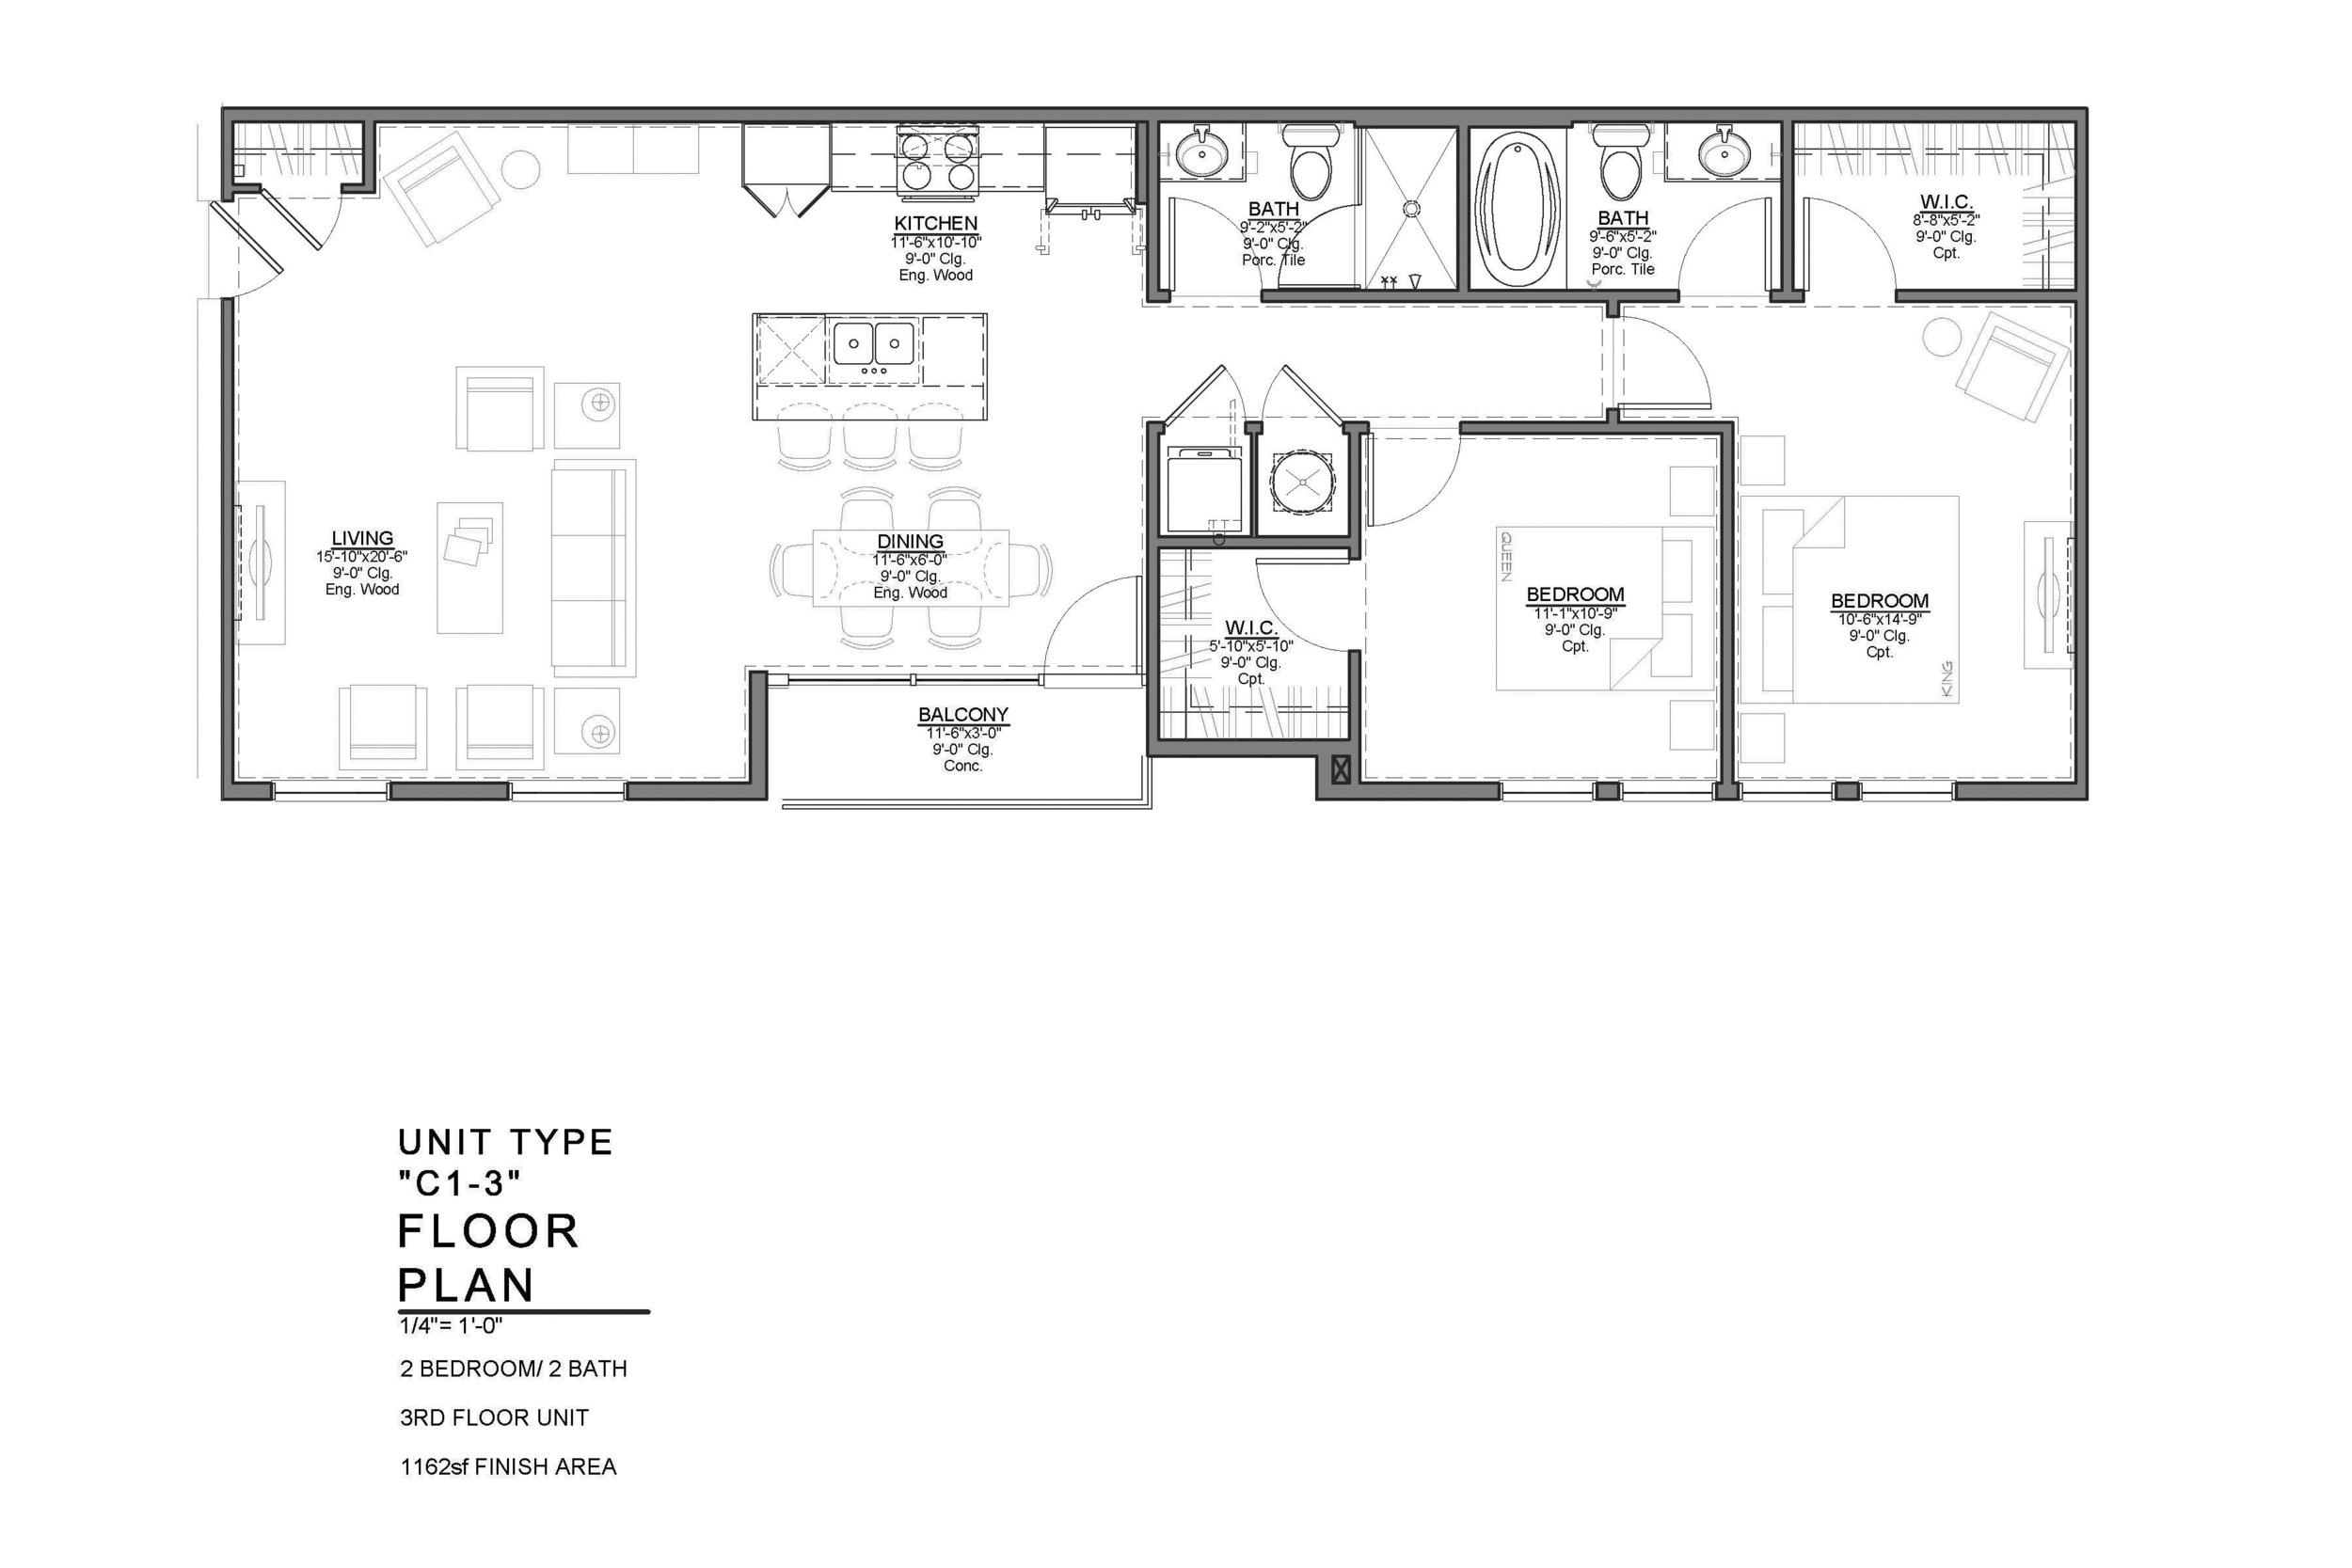 C1-3 FLOOR PLAN: 2 BEDROOM / 2 BATH